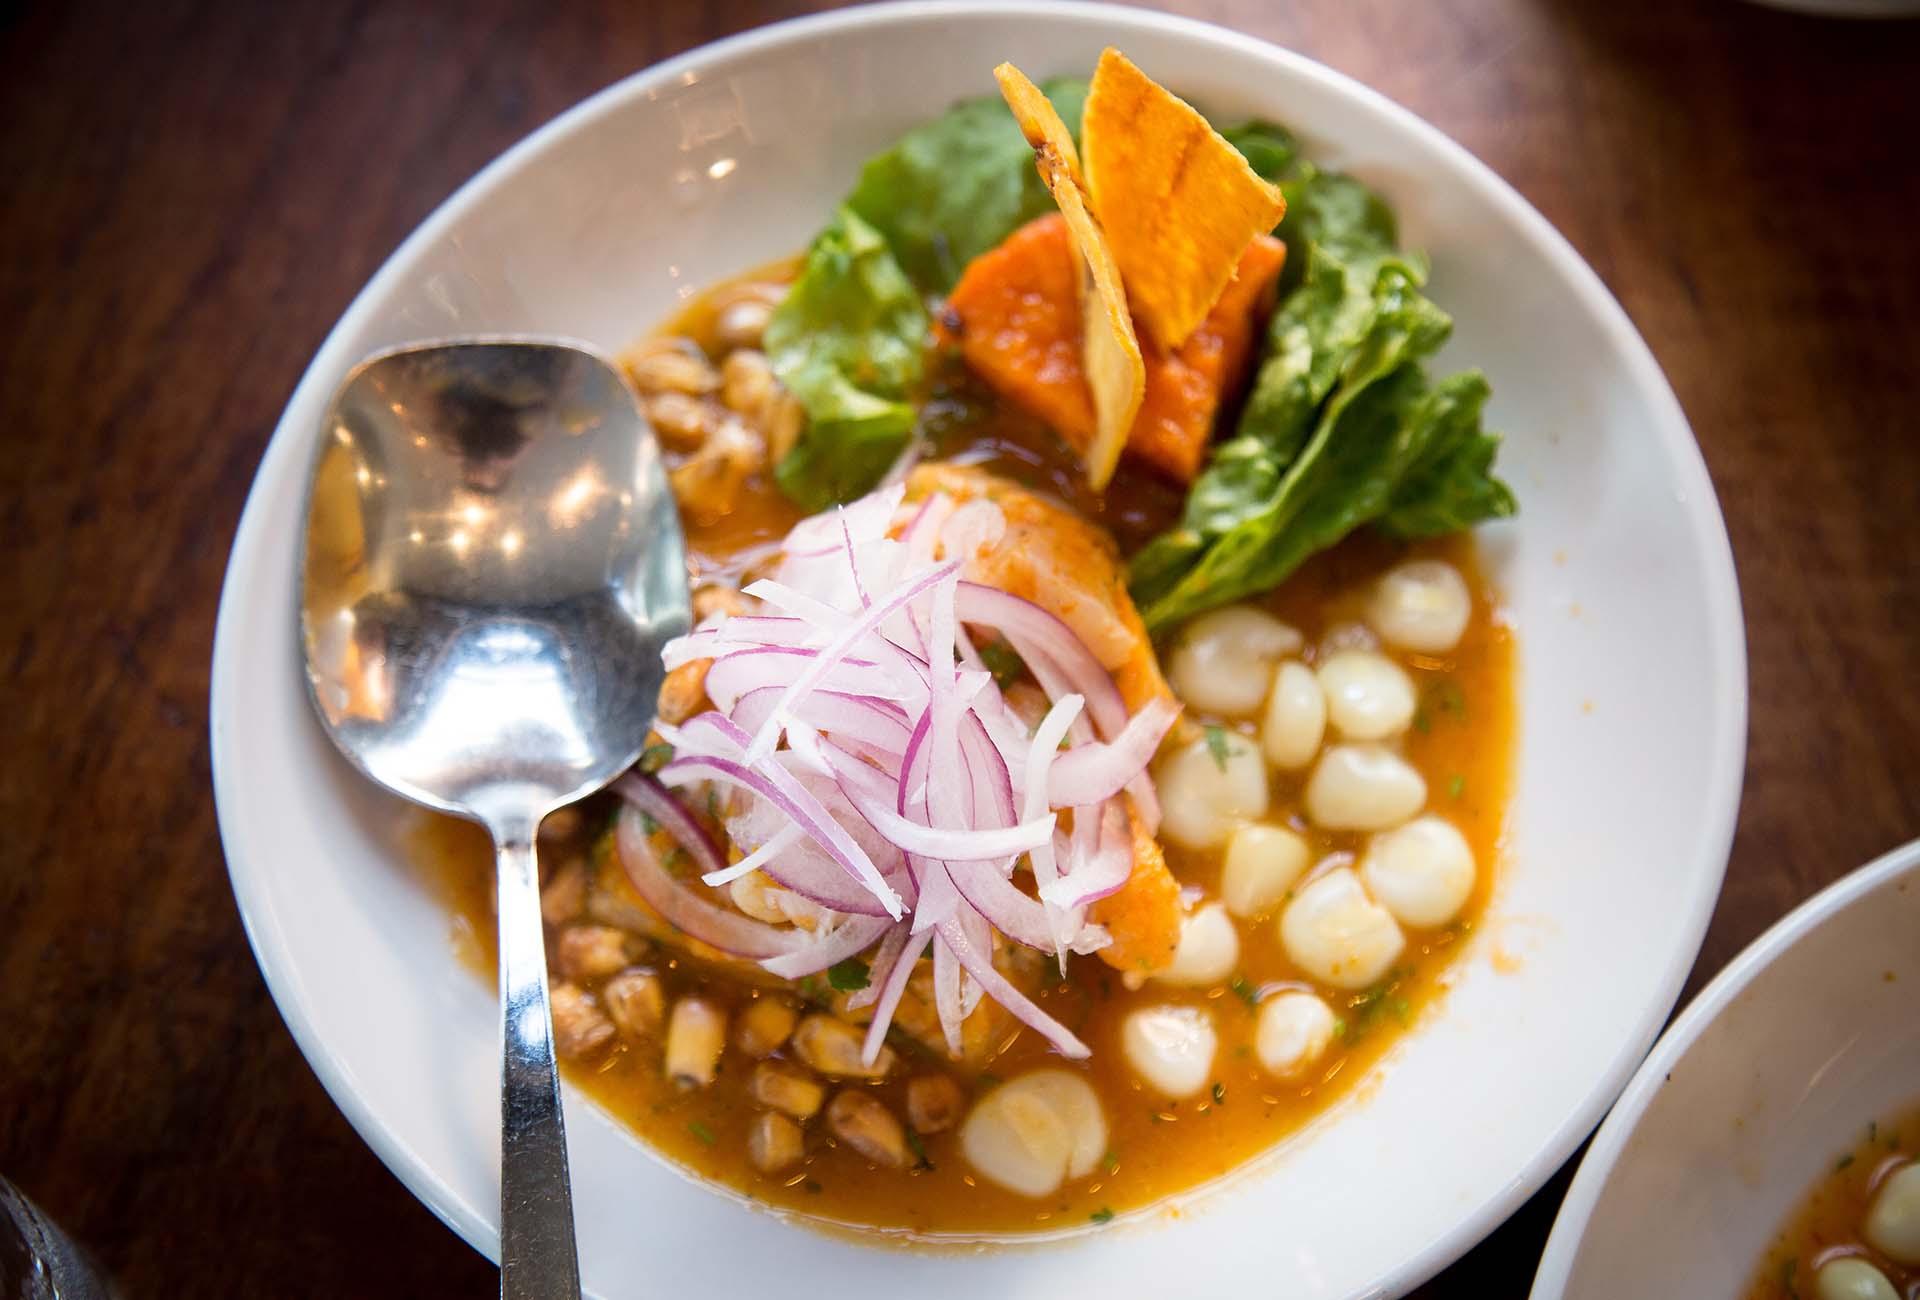 The Cebiche Pescado is marinated in leche de tigre and rocoto peppers